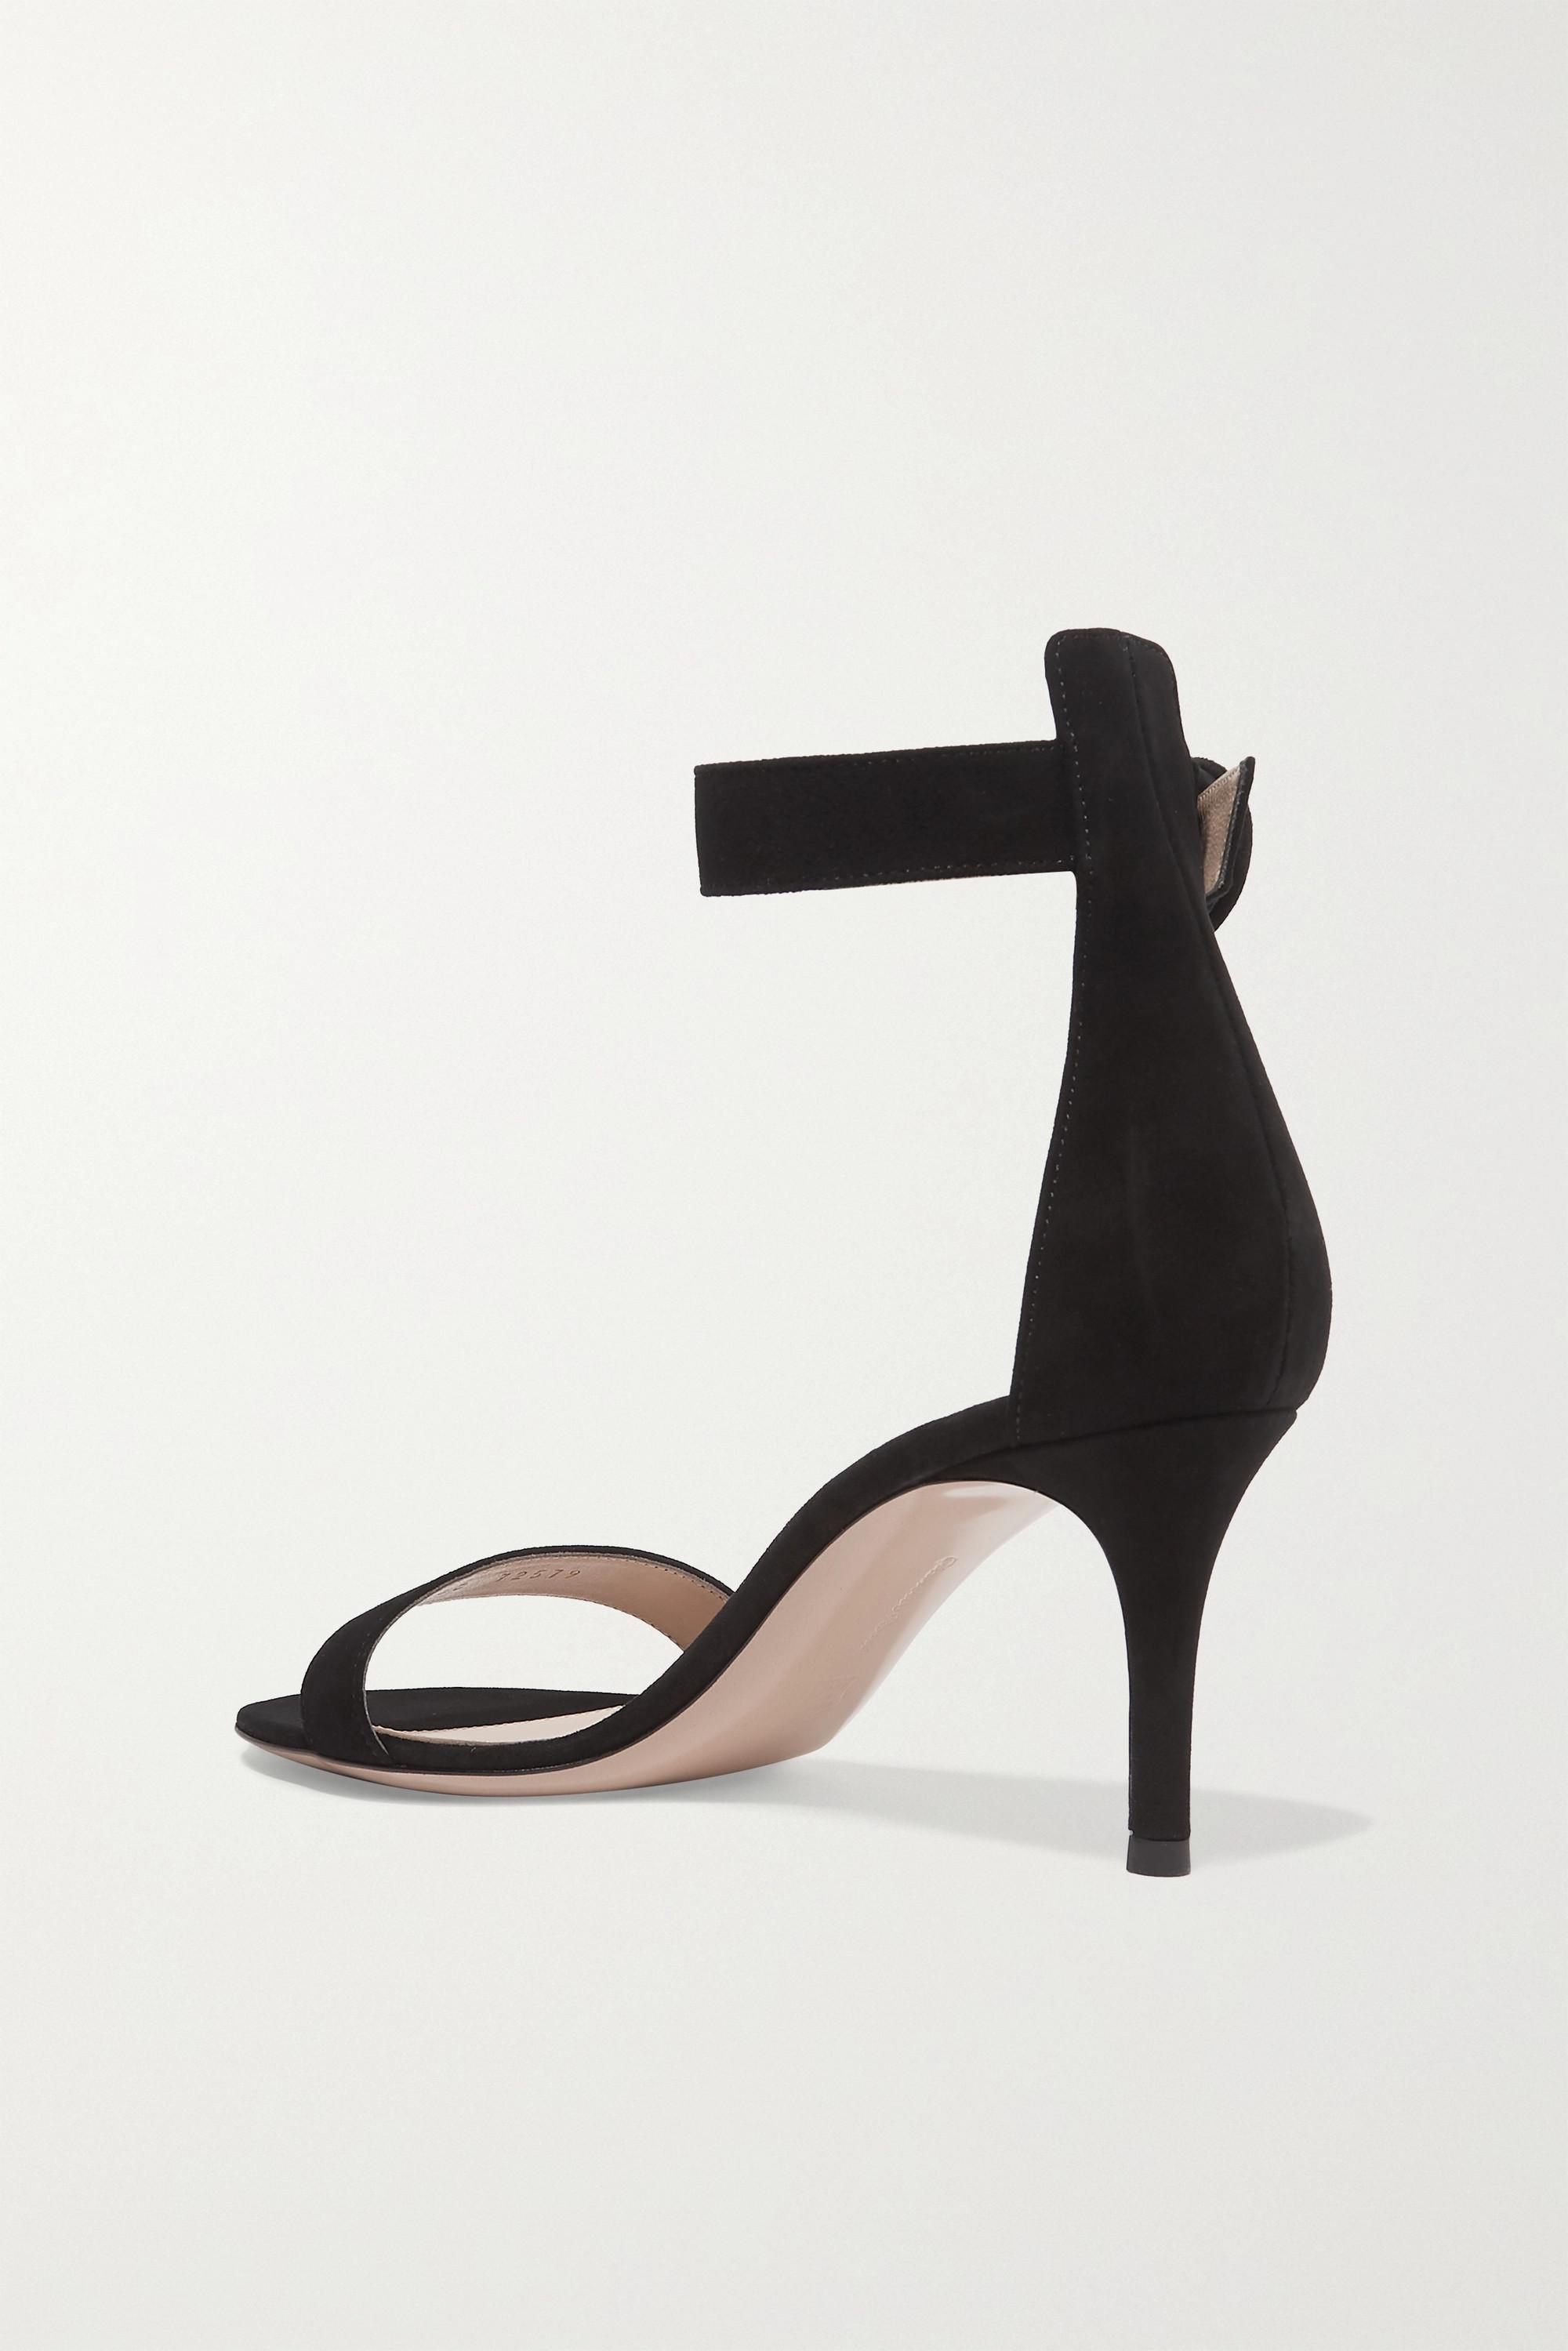 Gianvito Rossi Portofino 70 suede sandals